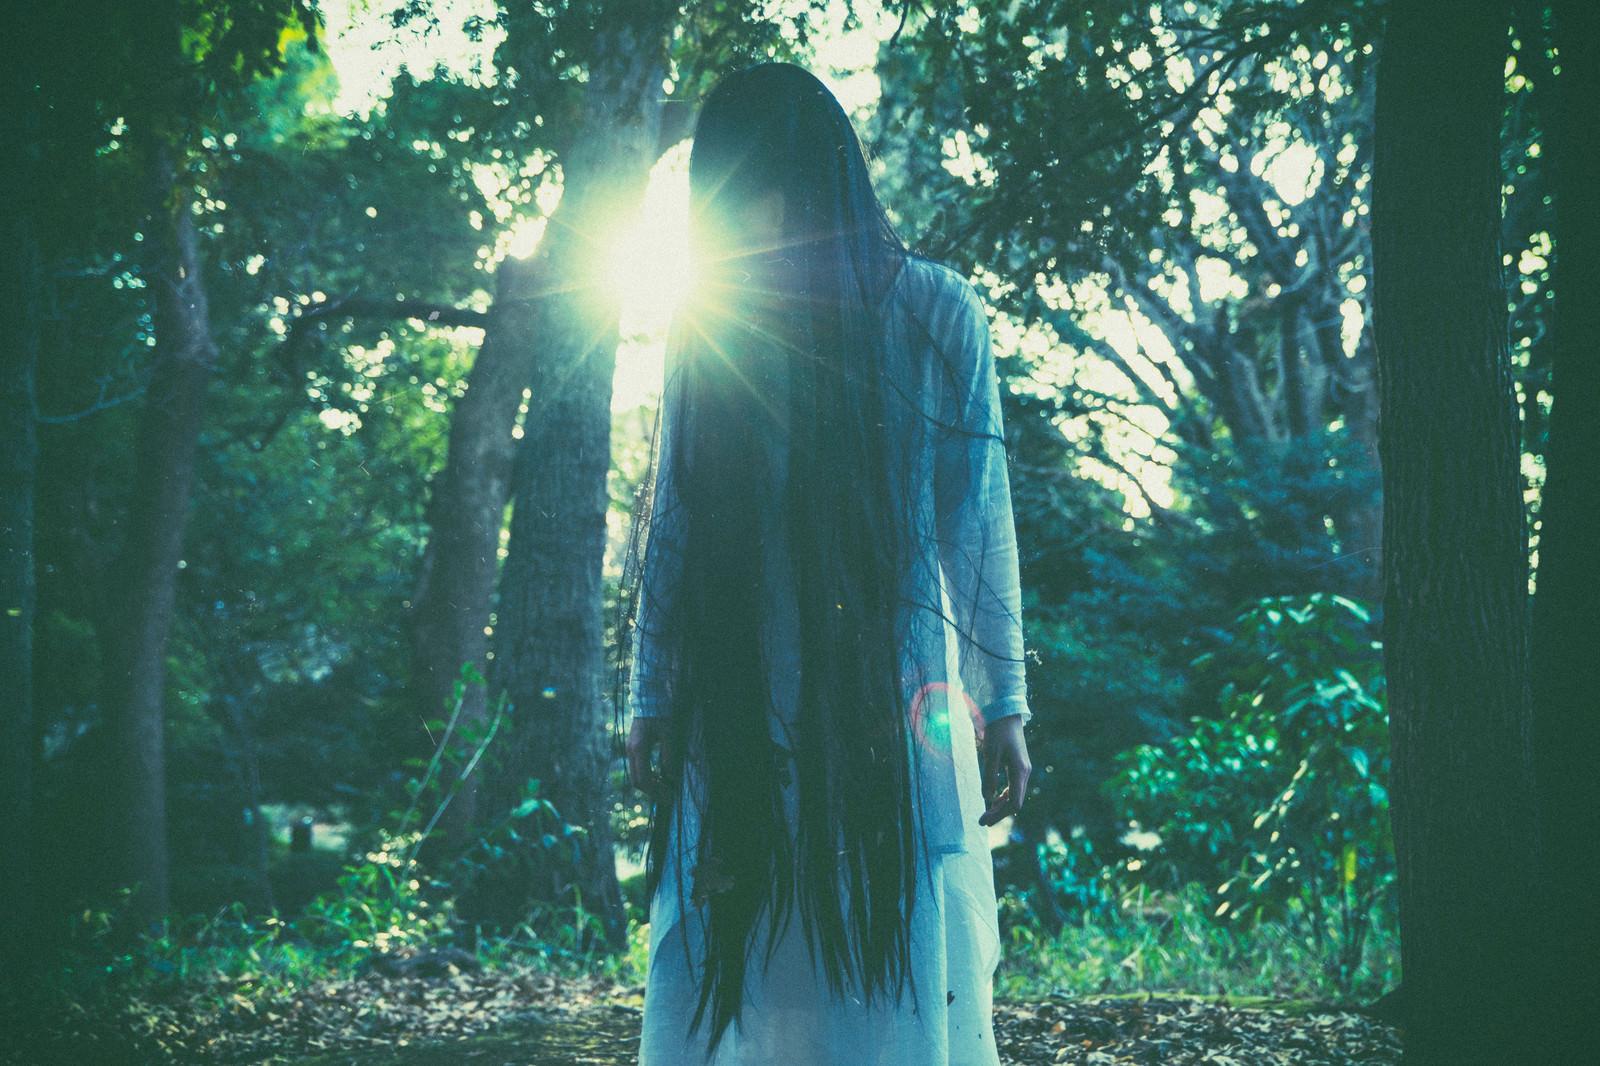 「白装束を着た女性霊の怨念白装束を着た女性霊の怨念」[モデル:緋真煉]のフリー写真素材を拡大